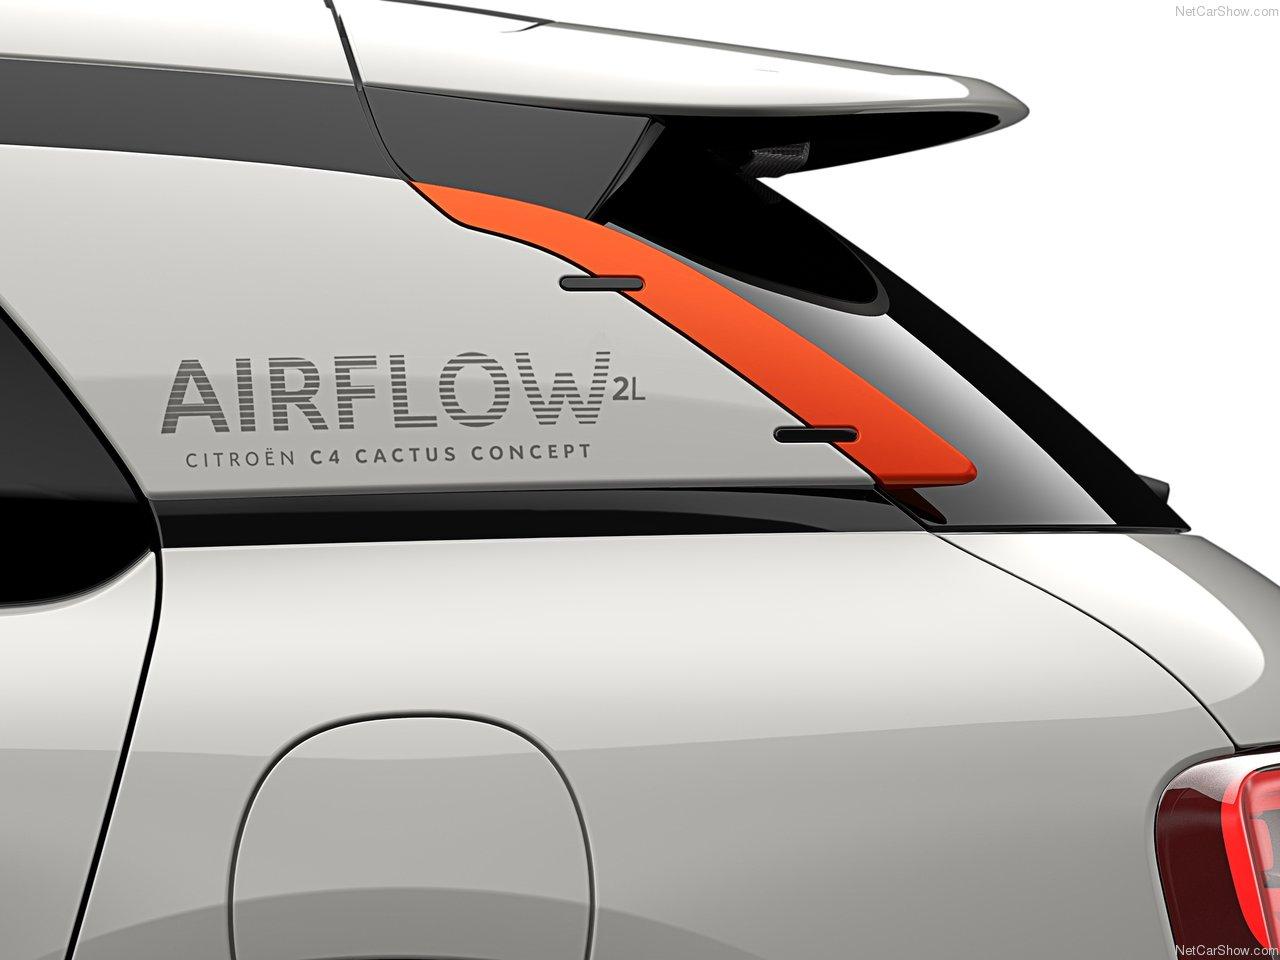 20140927_Citroen-C4_Cactus_Airflow_2L_Concept_2014.jpg